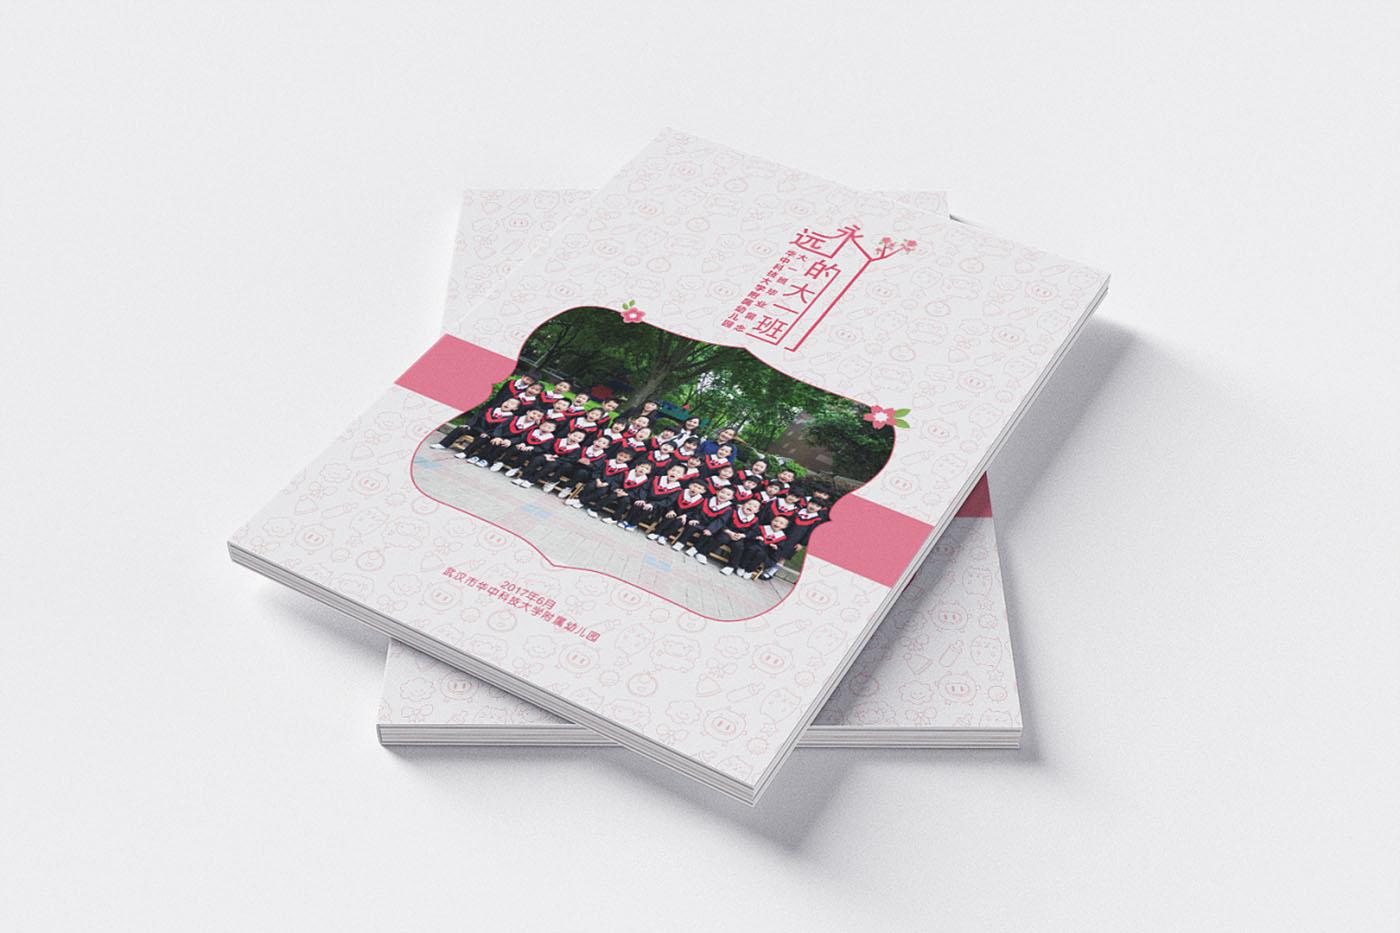 武汉幼儿园毕业纪念册设计-幼儿园毕业纪念册设计公司